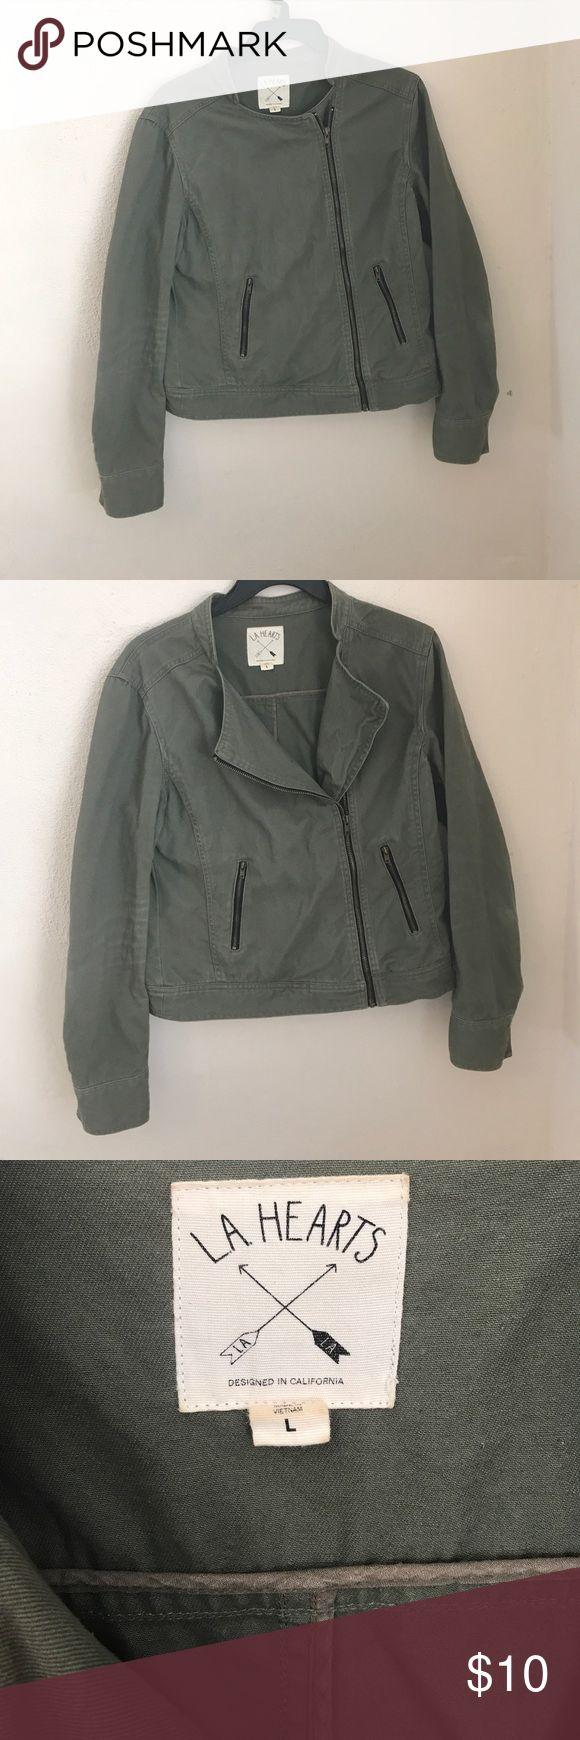 Kaki LA Hearts jacket! Ver stylish!! It looks good with black skinny jeans!! La Hearts Jackets & Coats Utility Jackets